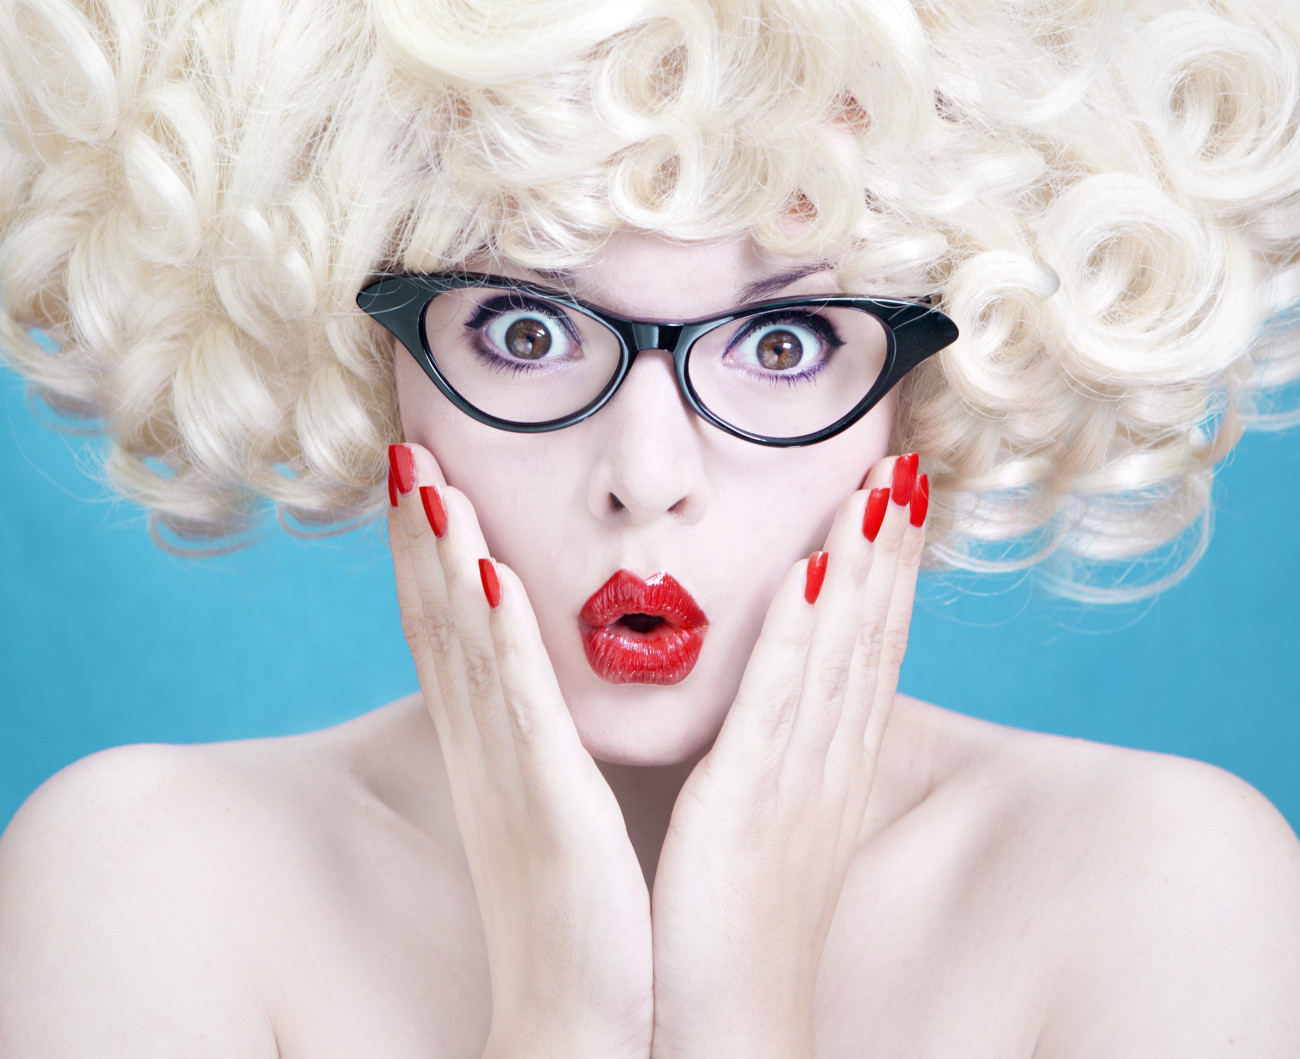 Frisuren für Brillenträger: Gar nicht so haarig  erdbeerlounge.de